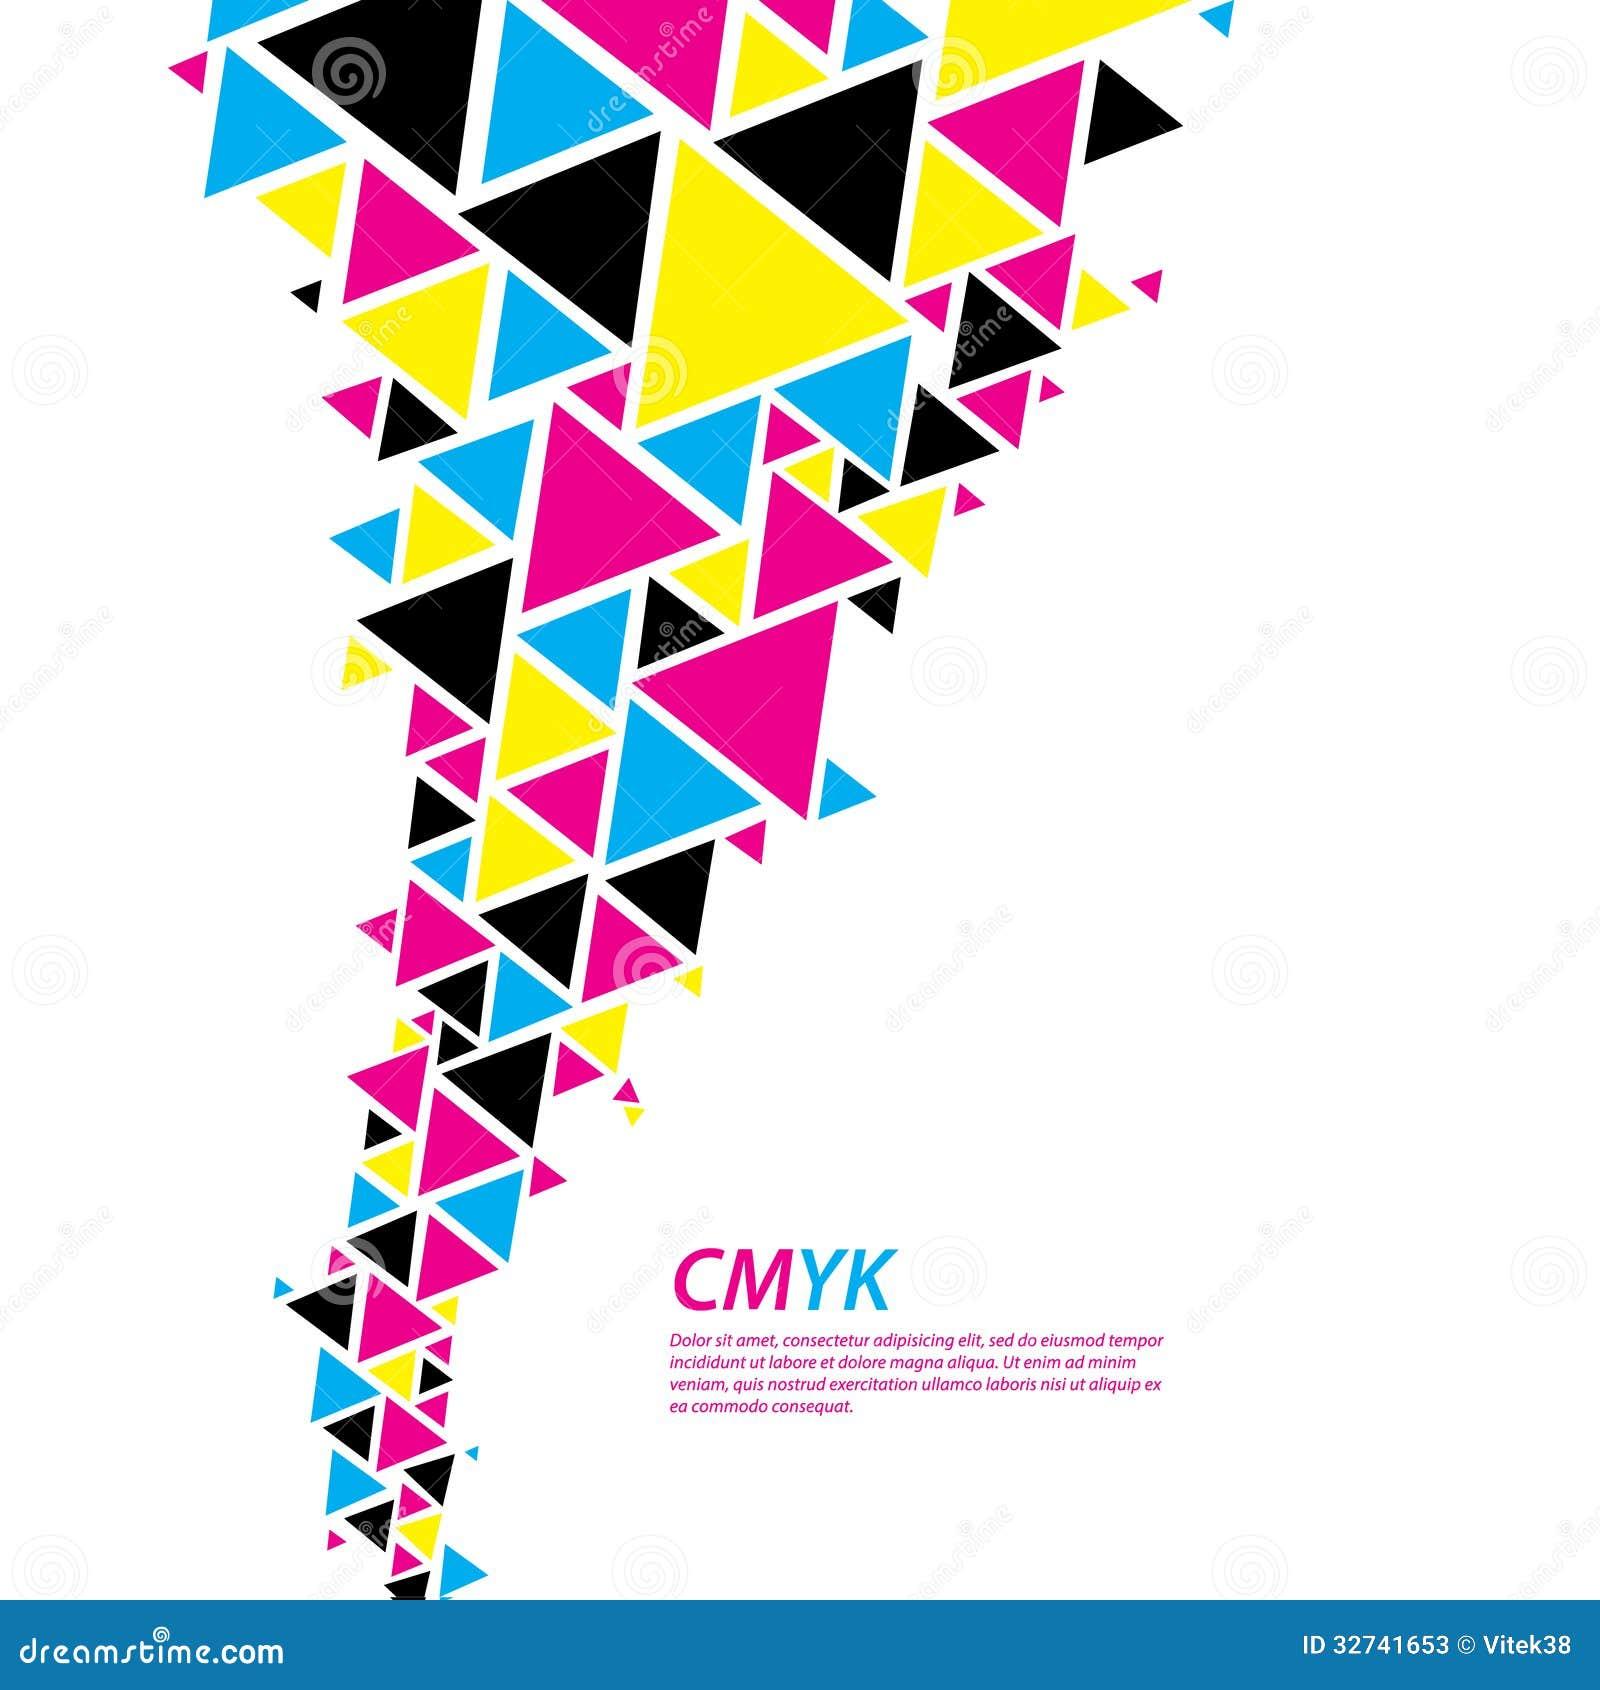 Perfil del color de CMYK. Flujo abstracto del triángulo - tornado en cuesta del cmyk